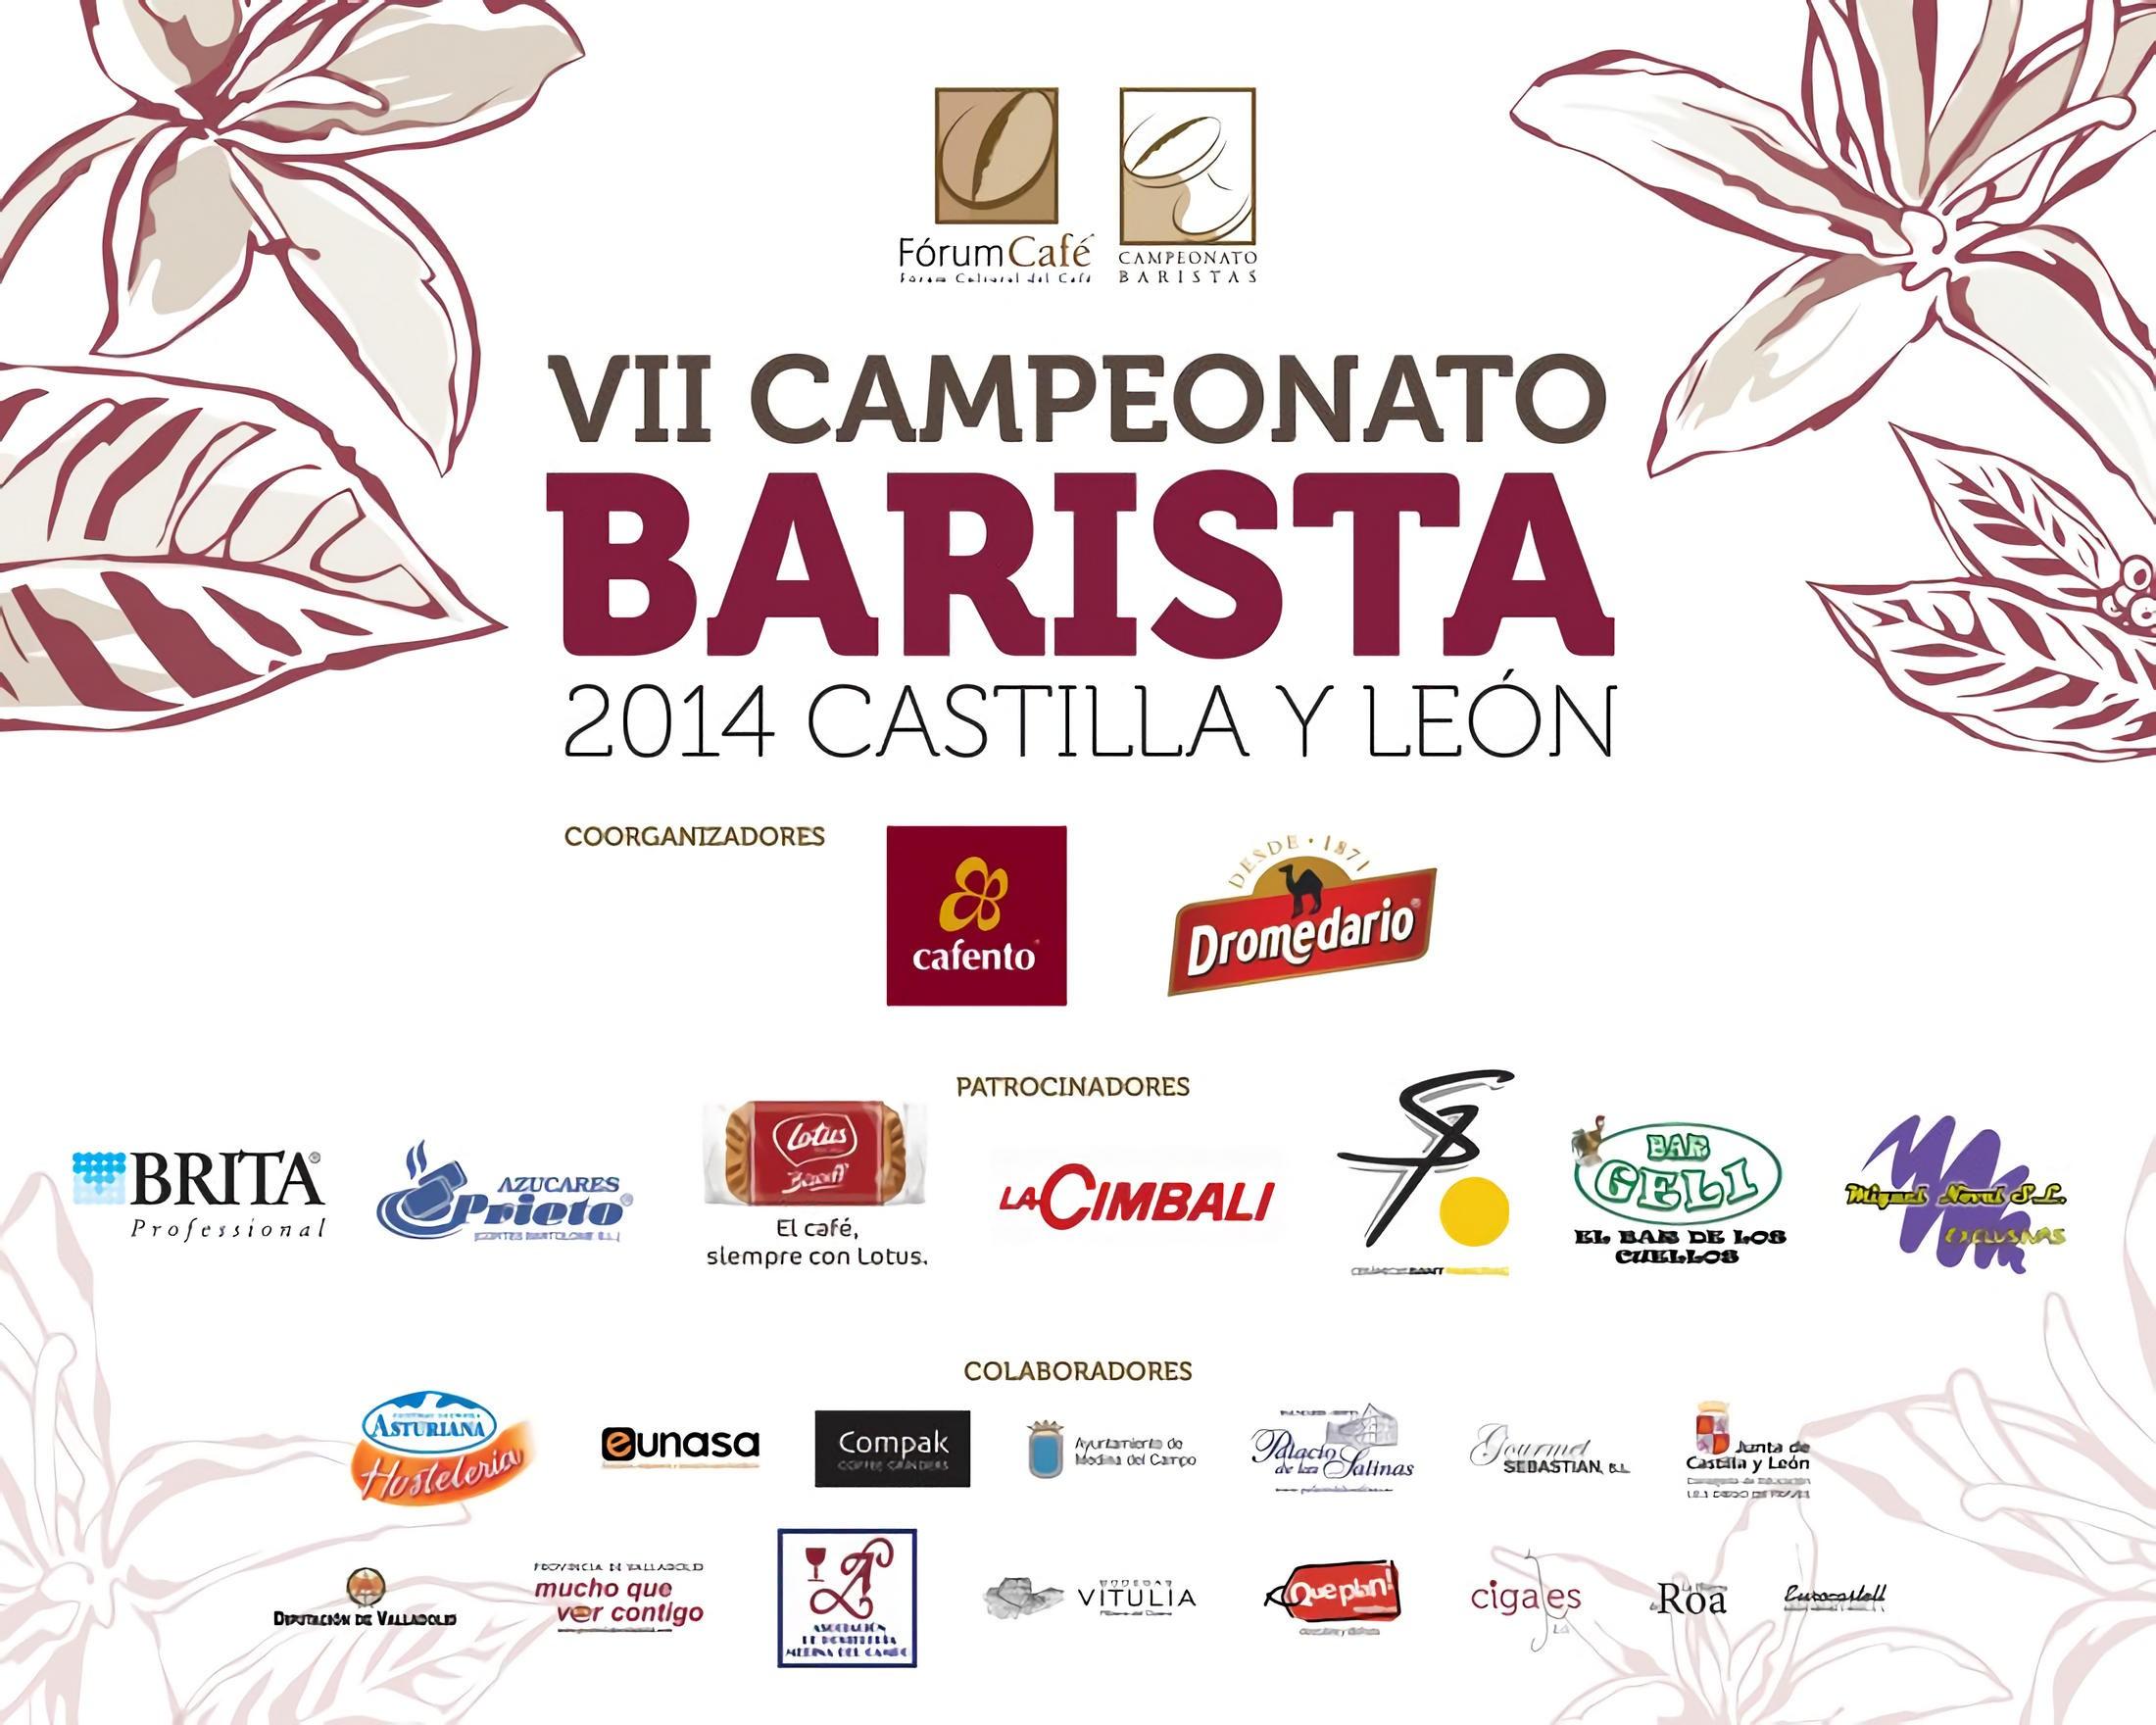 Campeonato Barista 2014 de Castilla y León